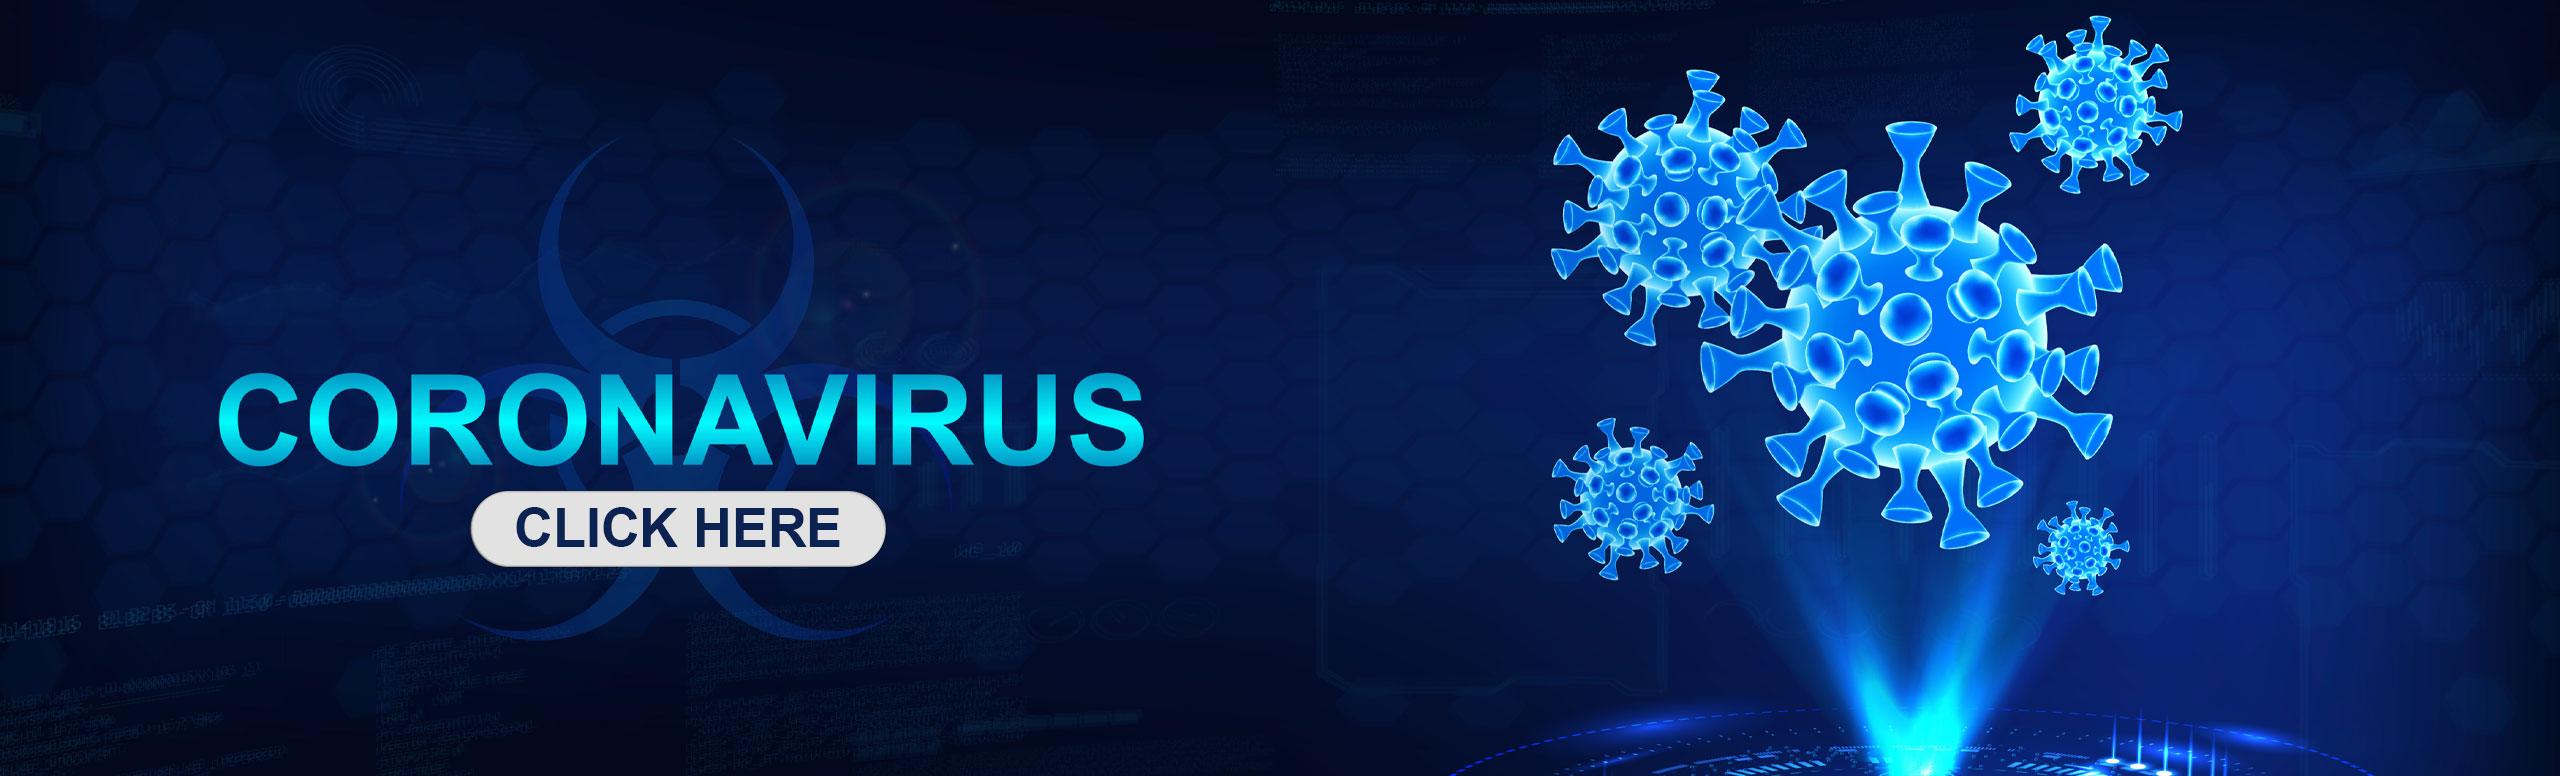 Coronavirus Click here